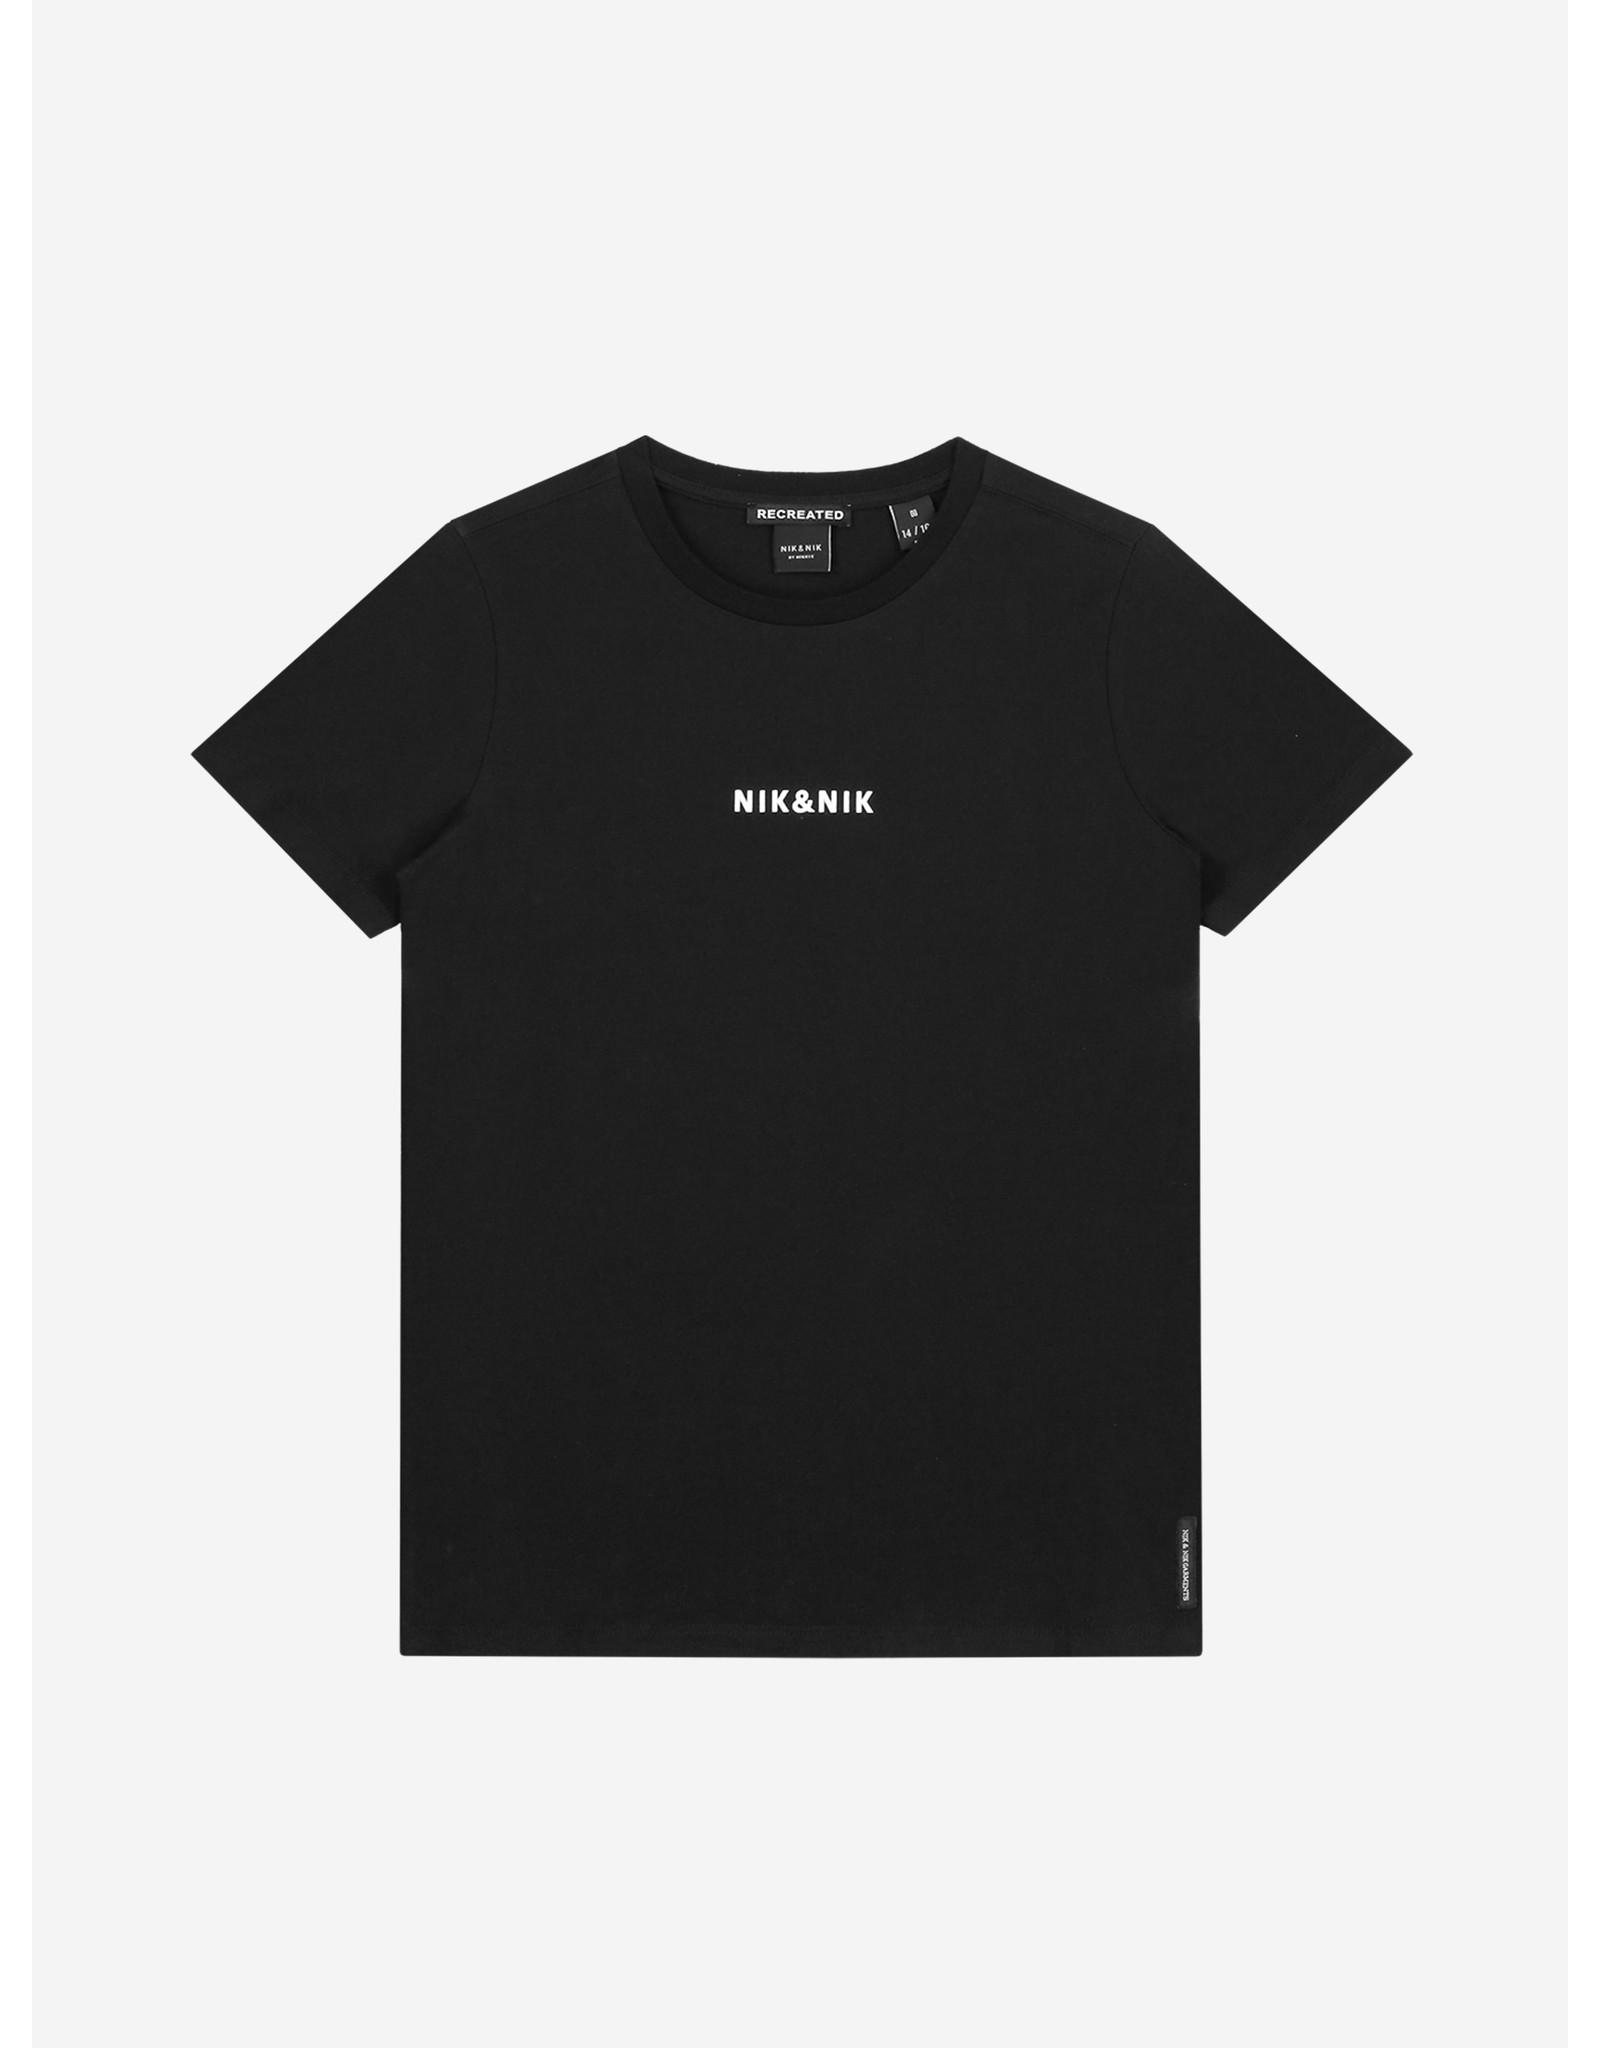 Nik&Nik NIK & NIK Subtle T-shirt